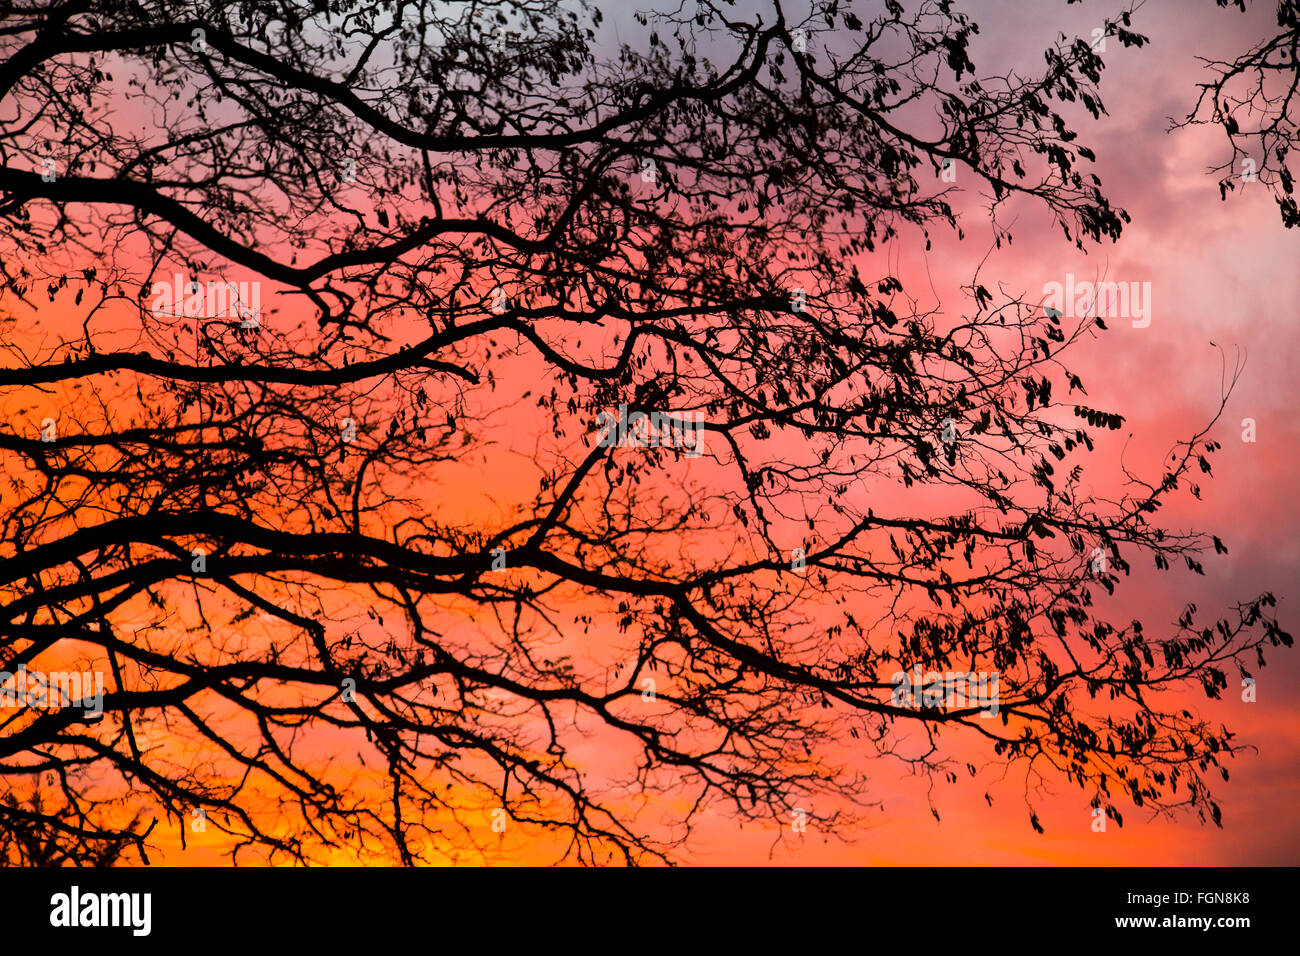 Acacia tramonto cielo rosso caldo Immagini Stock